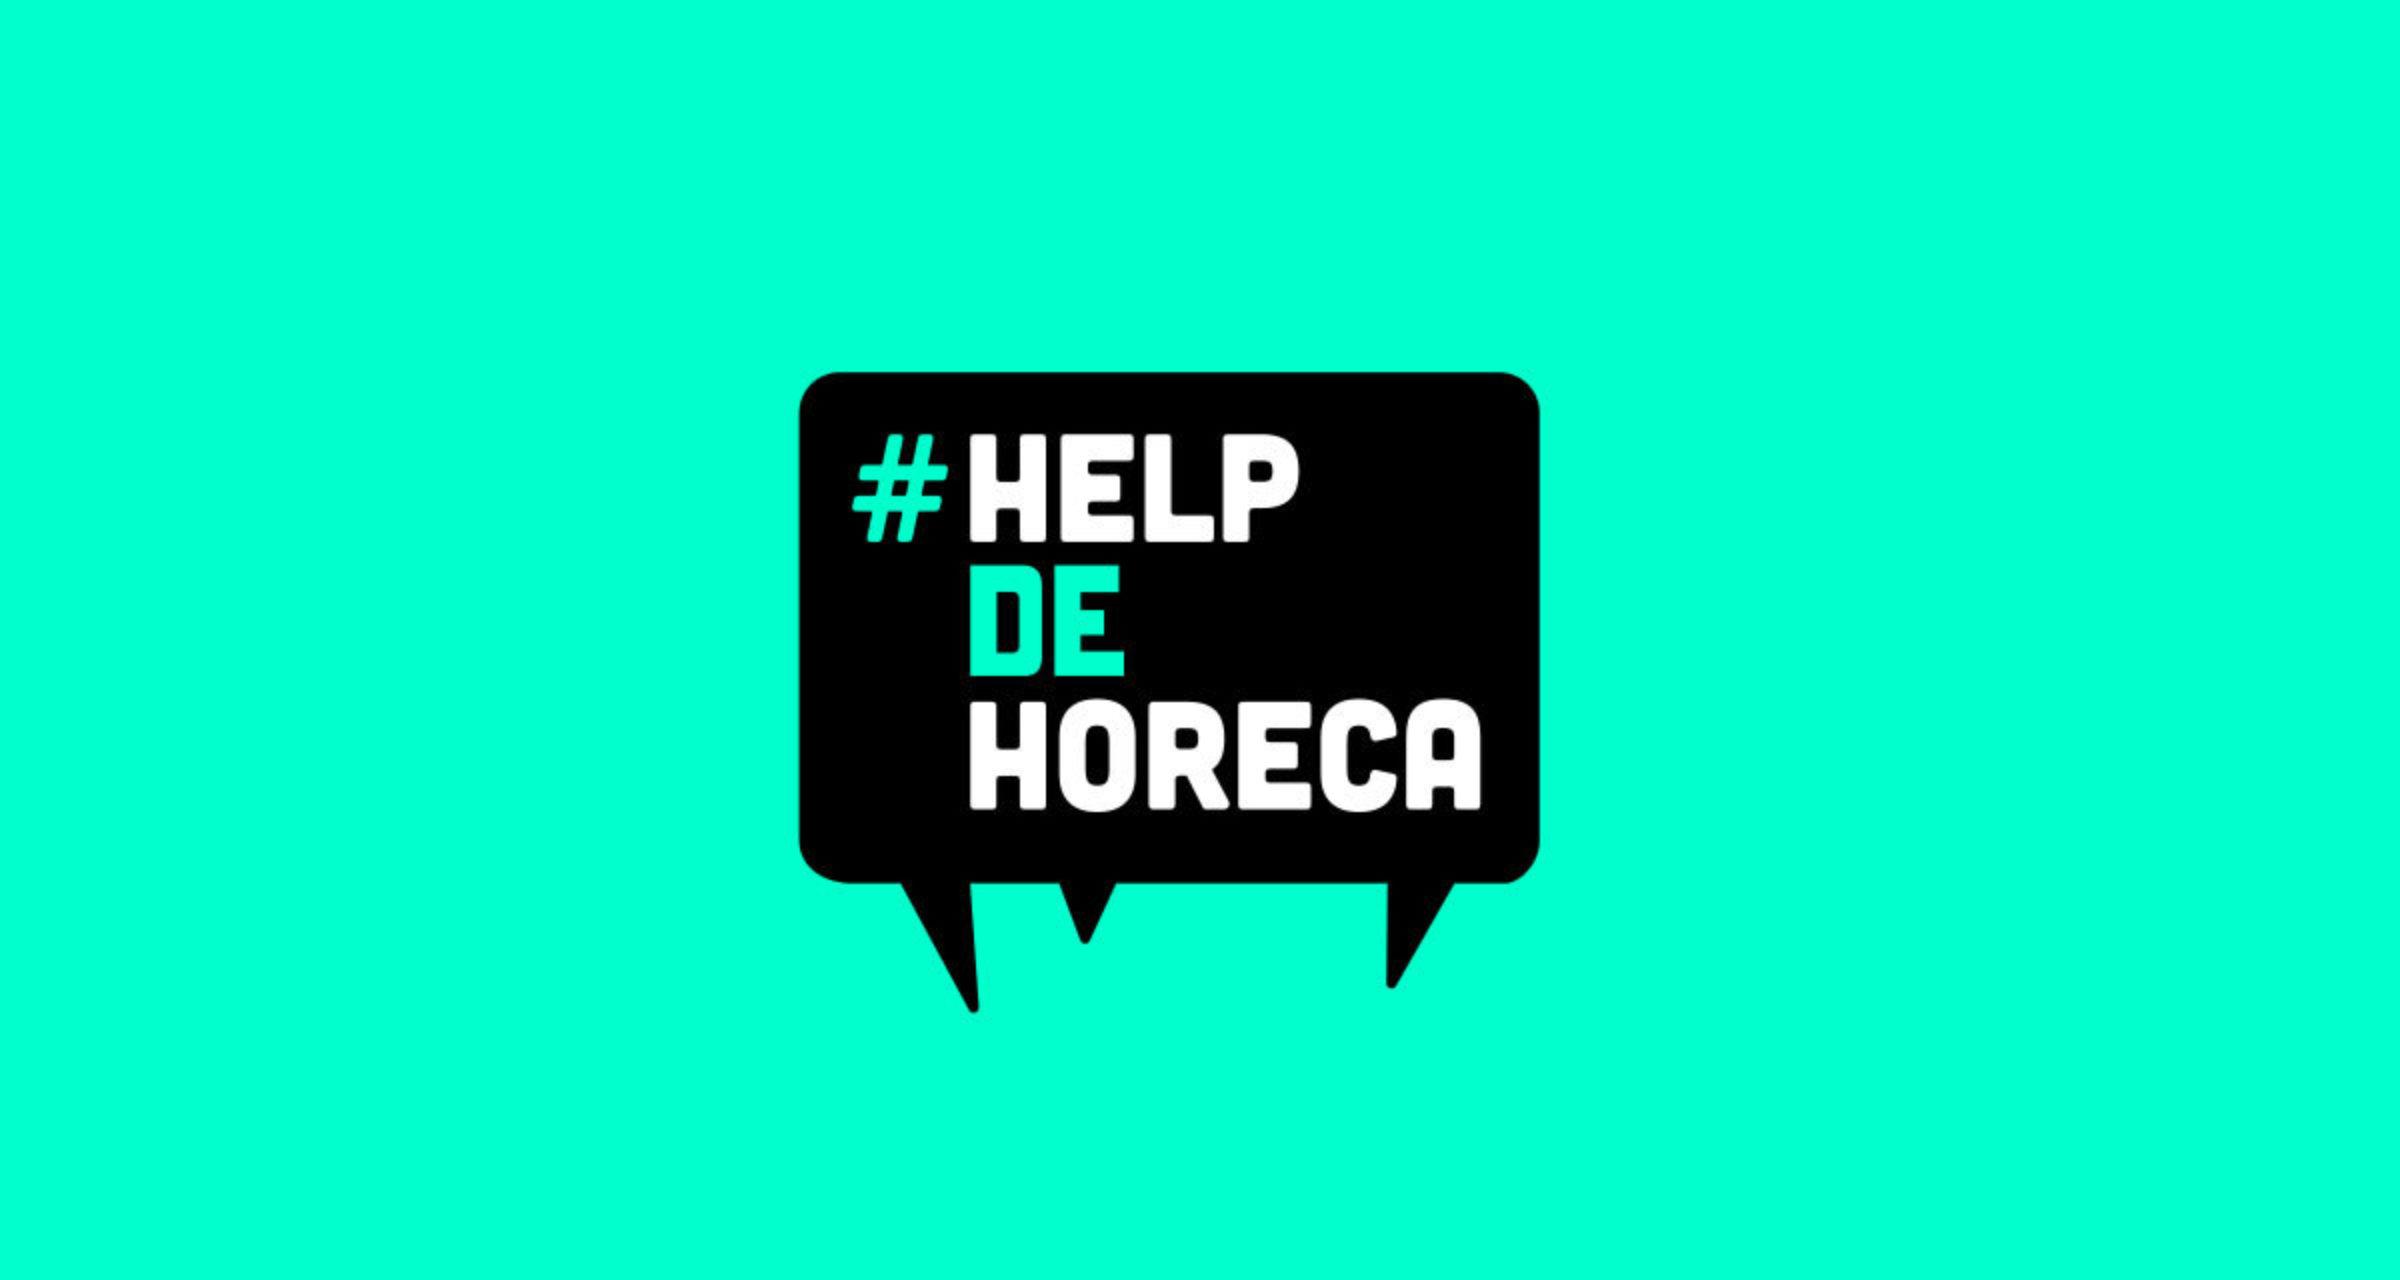 Help de horeca